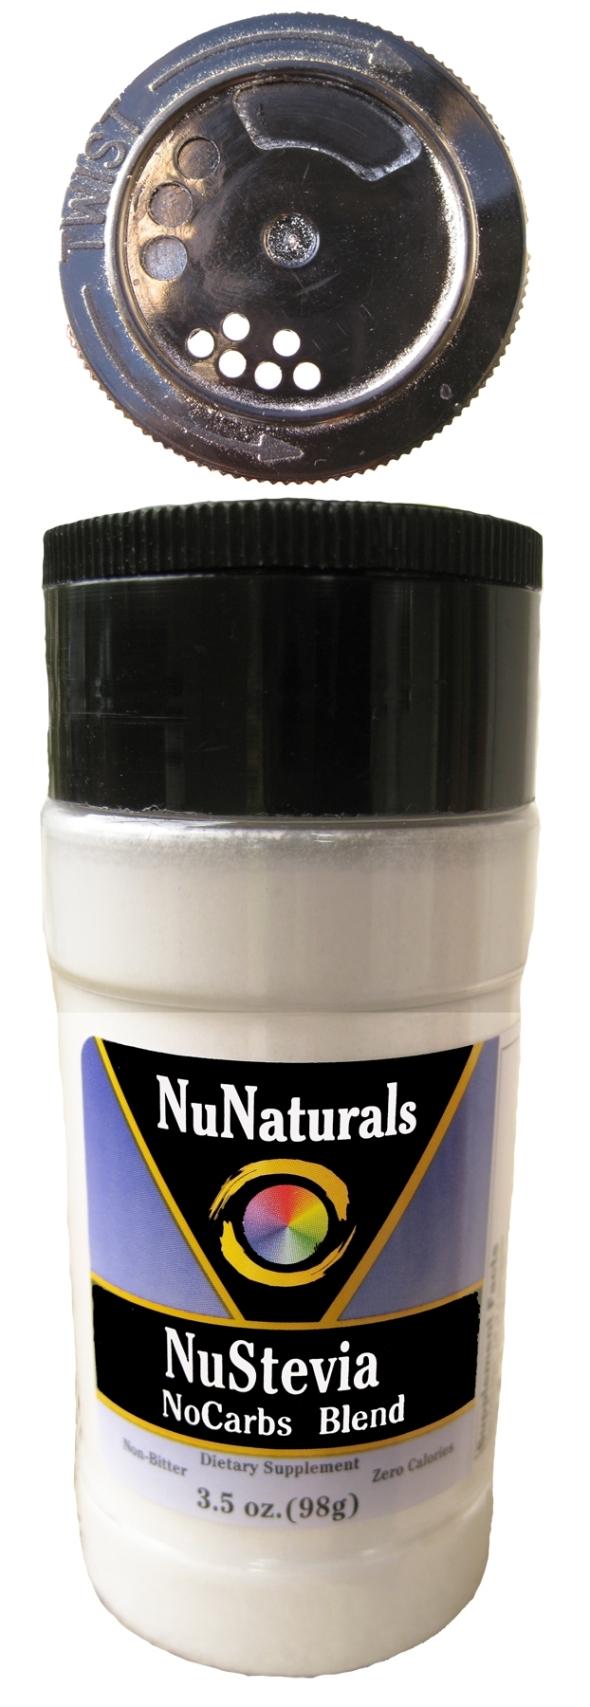 NuStevia NoCarbs Spice Jar w Cap